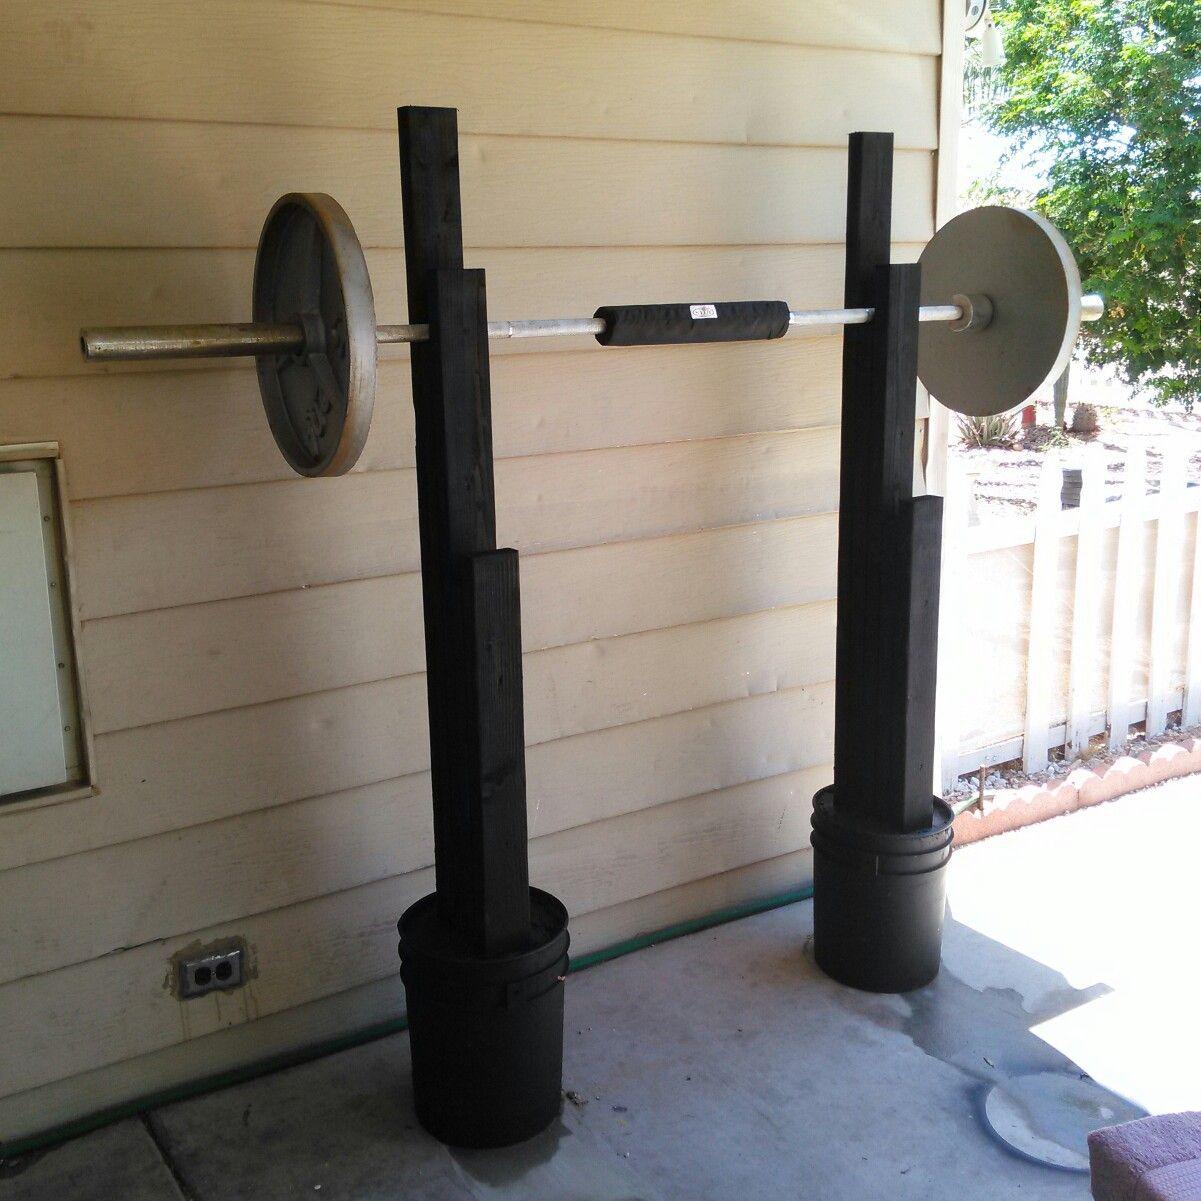 How to build a squat rack Diy home gym, Squat rack diy